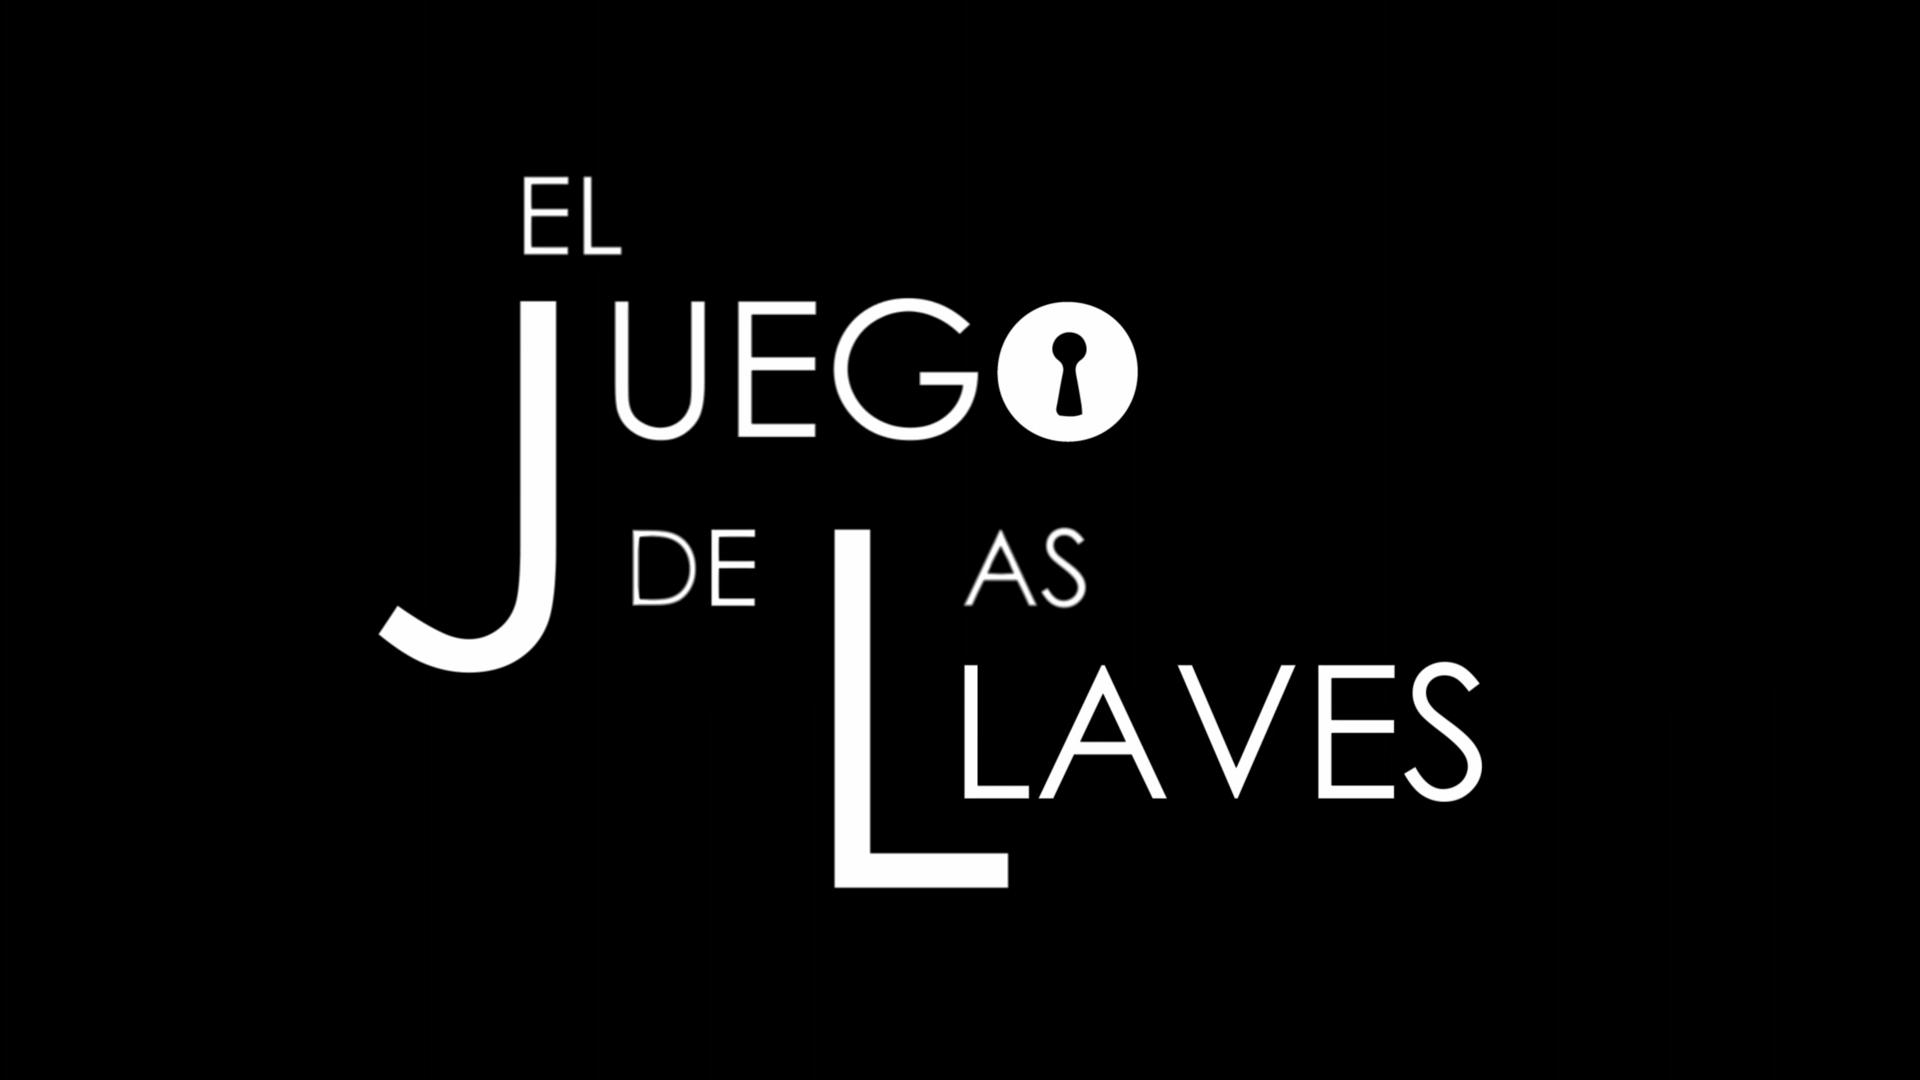 El juego de las llaves Temporada 2 (2021) 1080p WEB-DL AMZN Latino